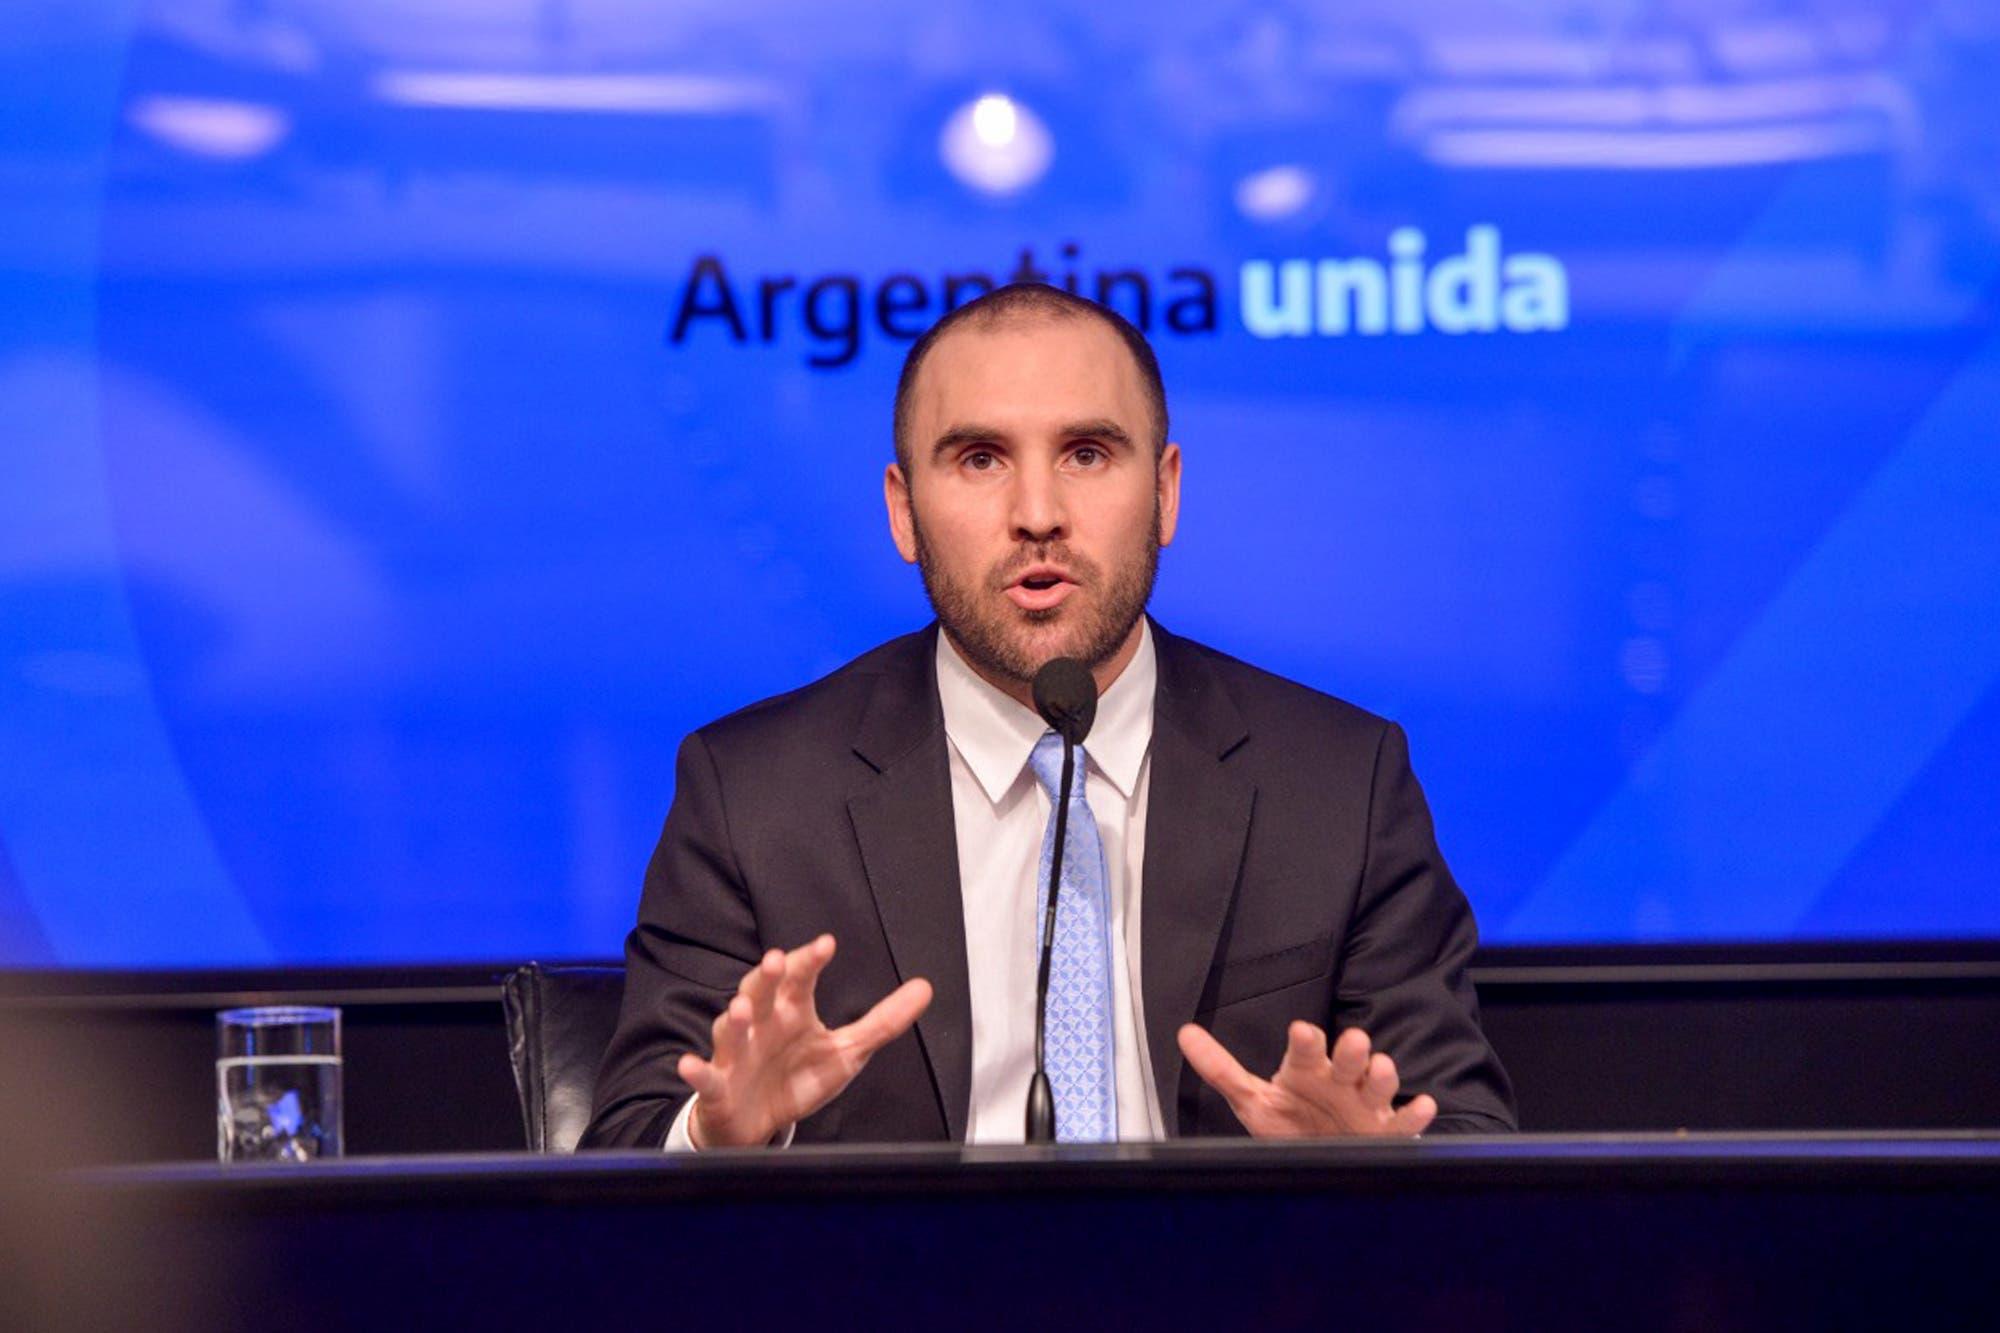 Guzmán ratificó que sigue el dólar ahorro y dijo que busca estabilizar la brecha